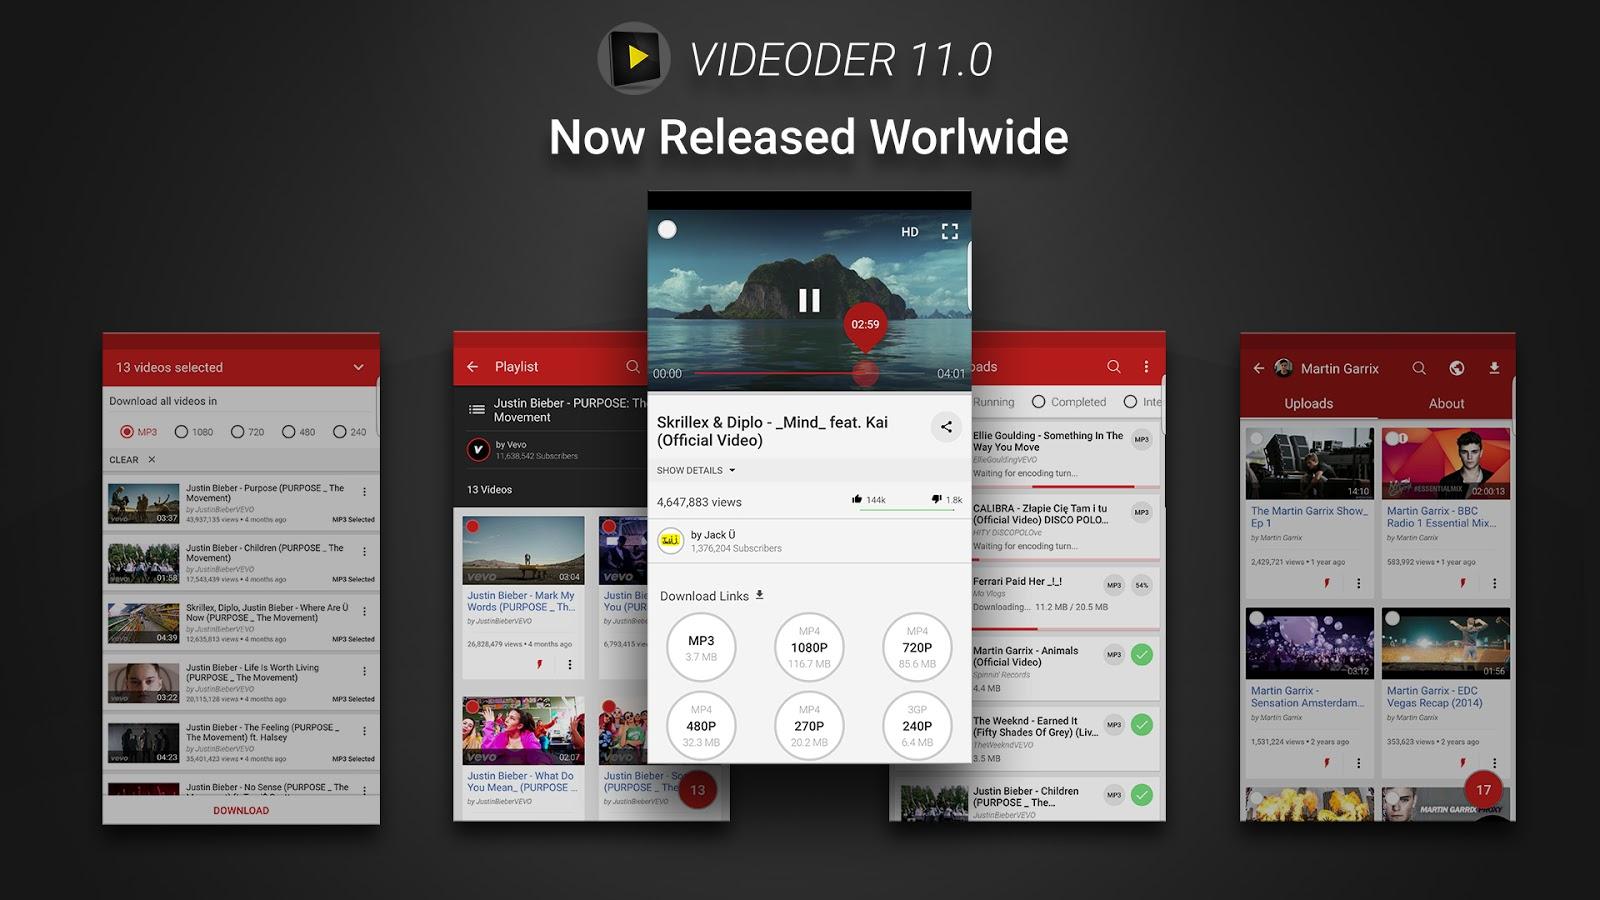 Télécharger des vidéos Youtube en 4K et HD avec Videoder. Apprenez comment télécharger des vidéos Youtube avec le téléchargeur de vidéos Youtube Videoder.